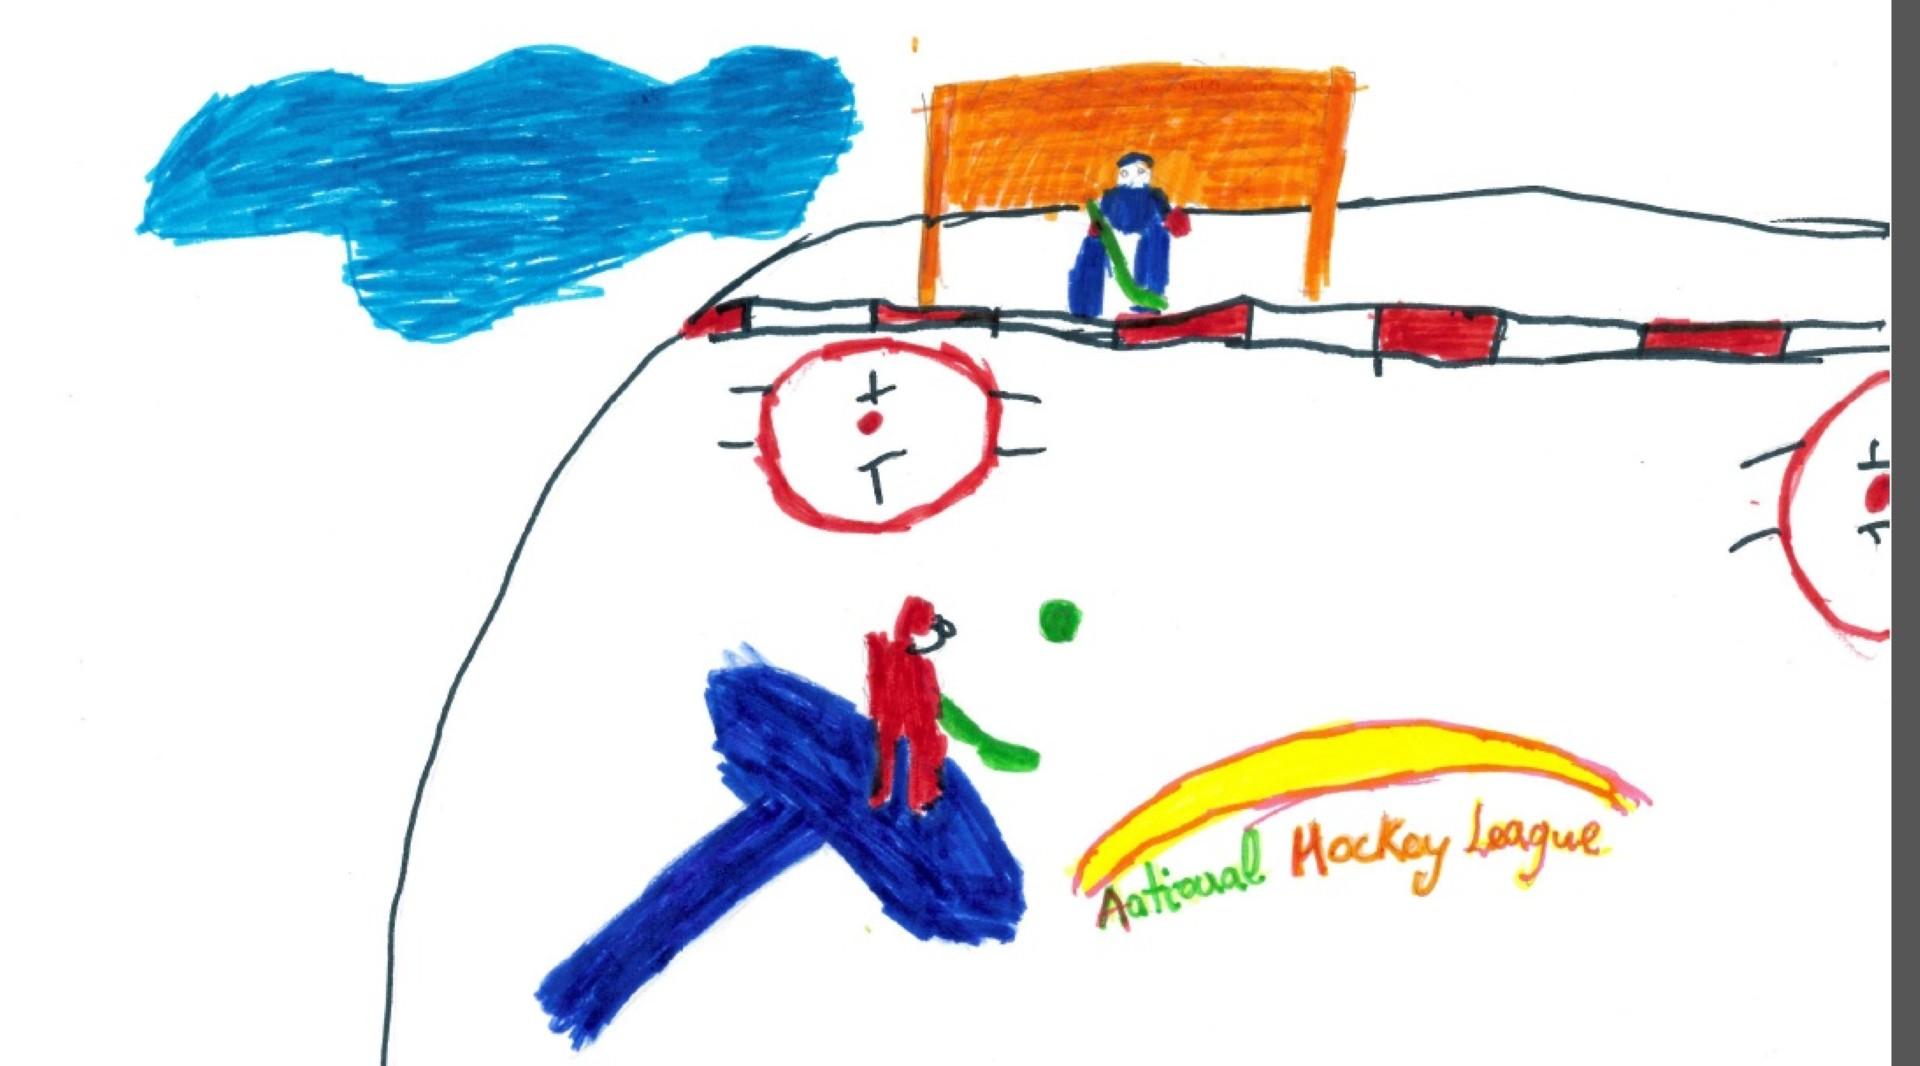 national-hockey-league-large